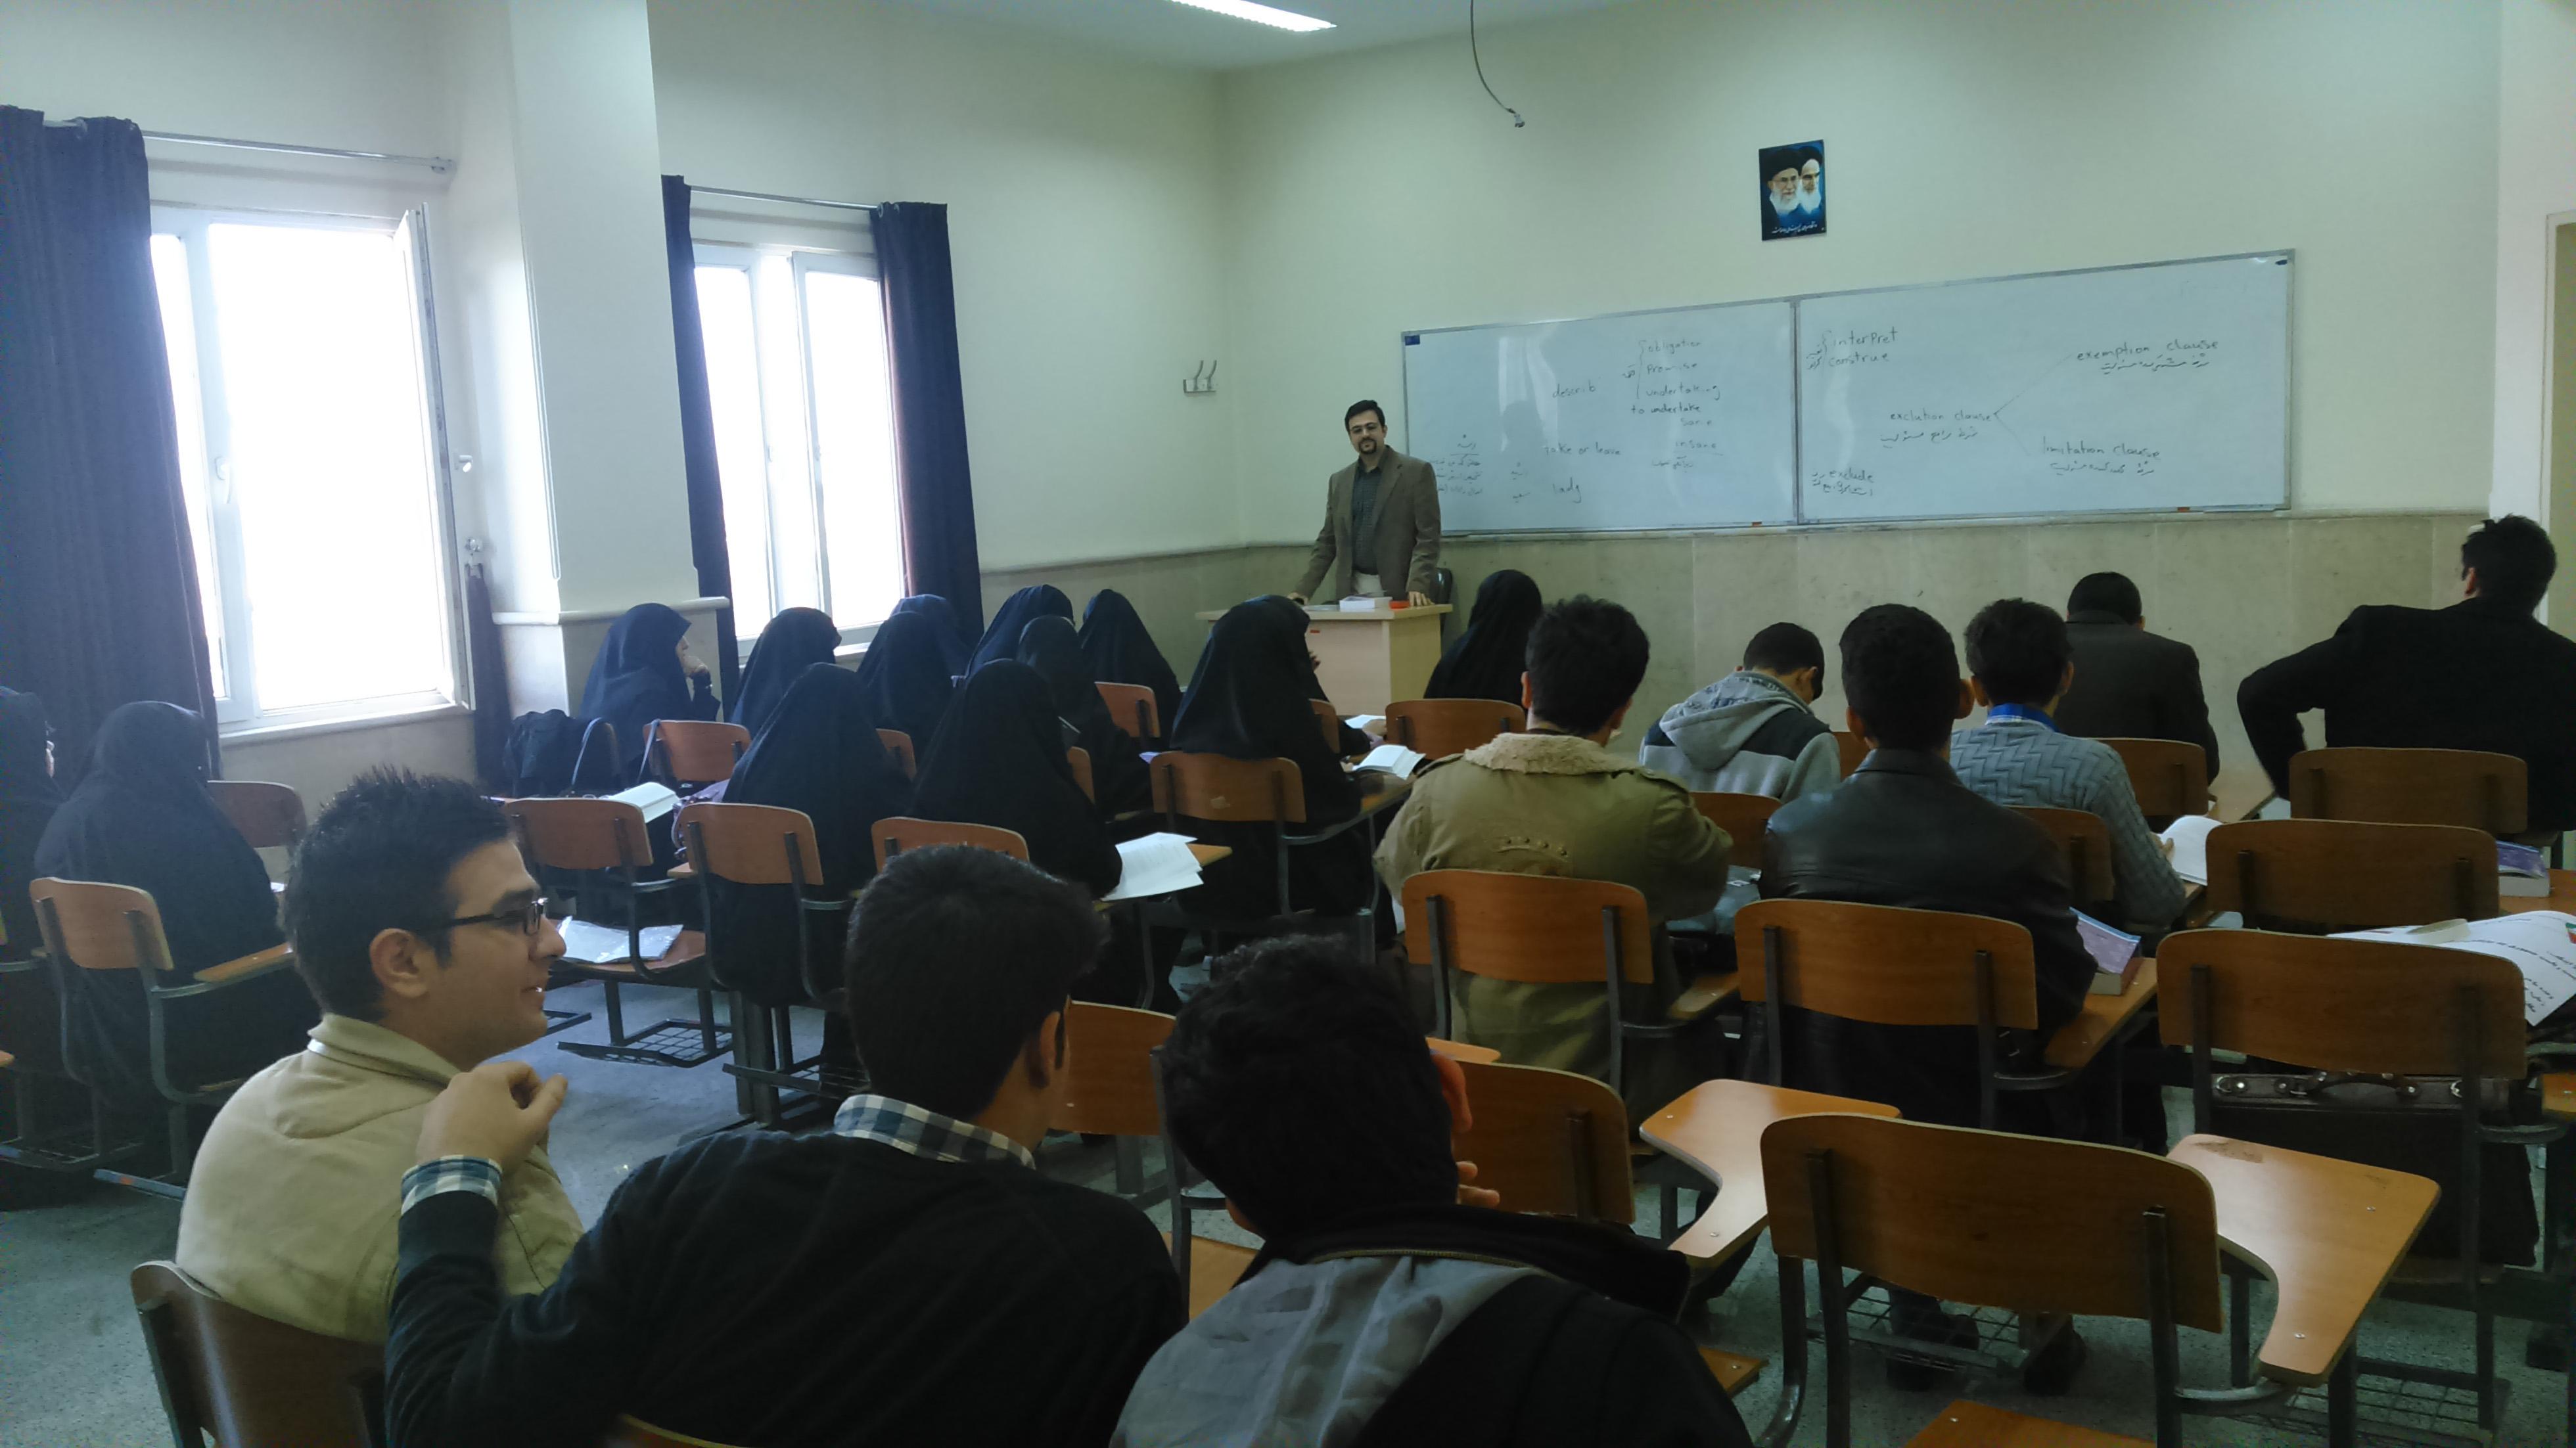 موج بیکاری تحصیلکرده های خراسان شمالی